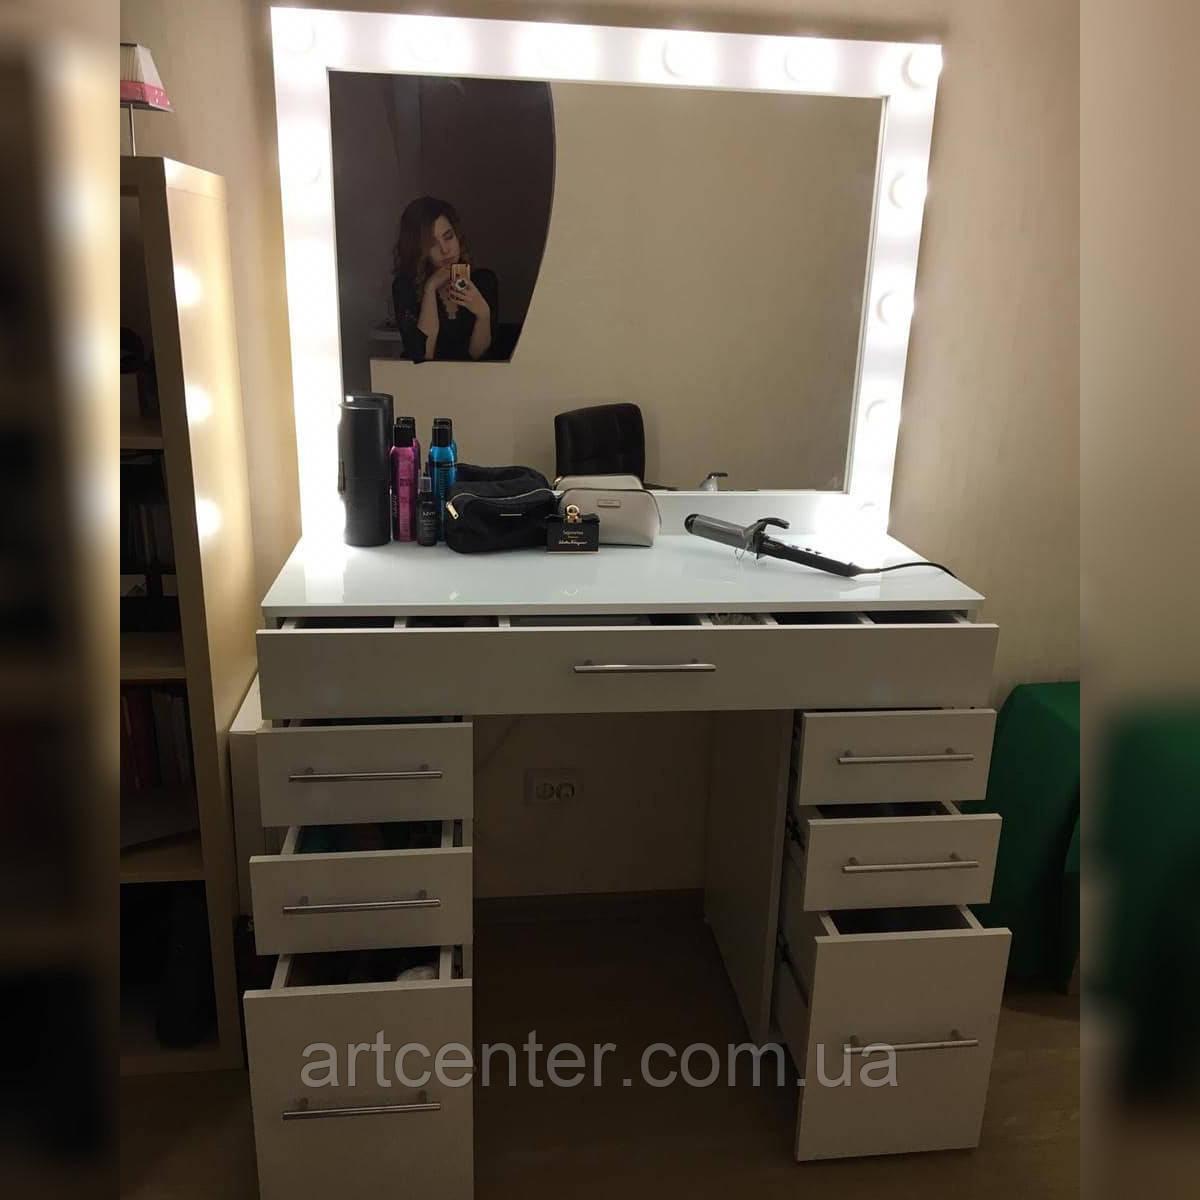 Туалетный столик с зеркалом и вместительными ящиками